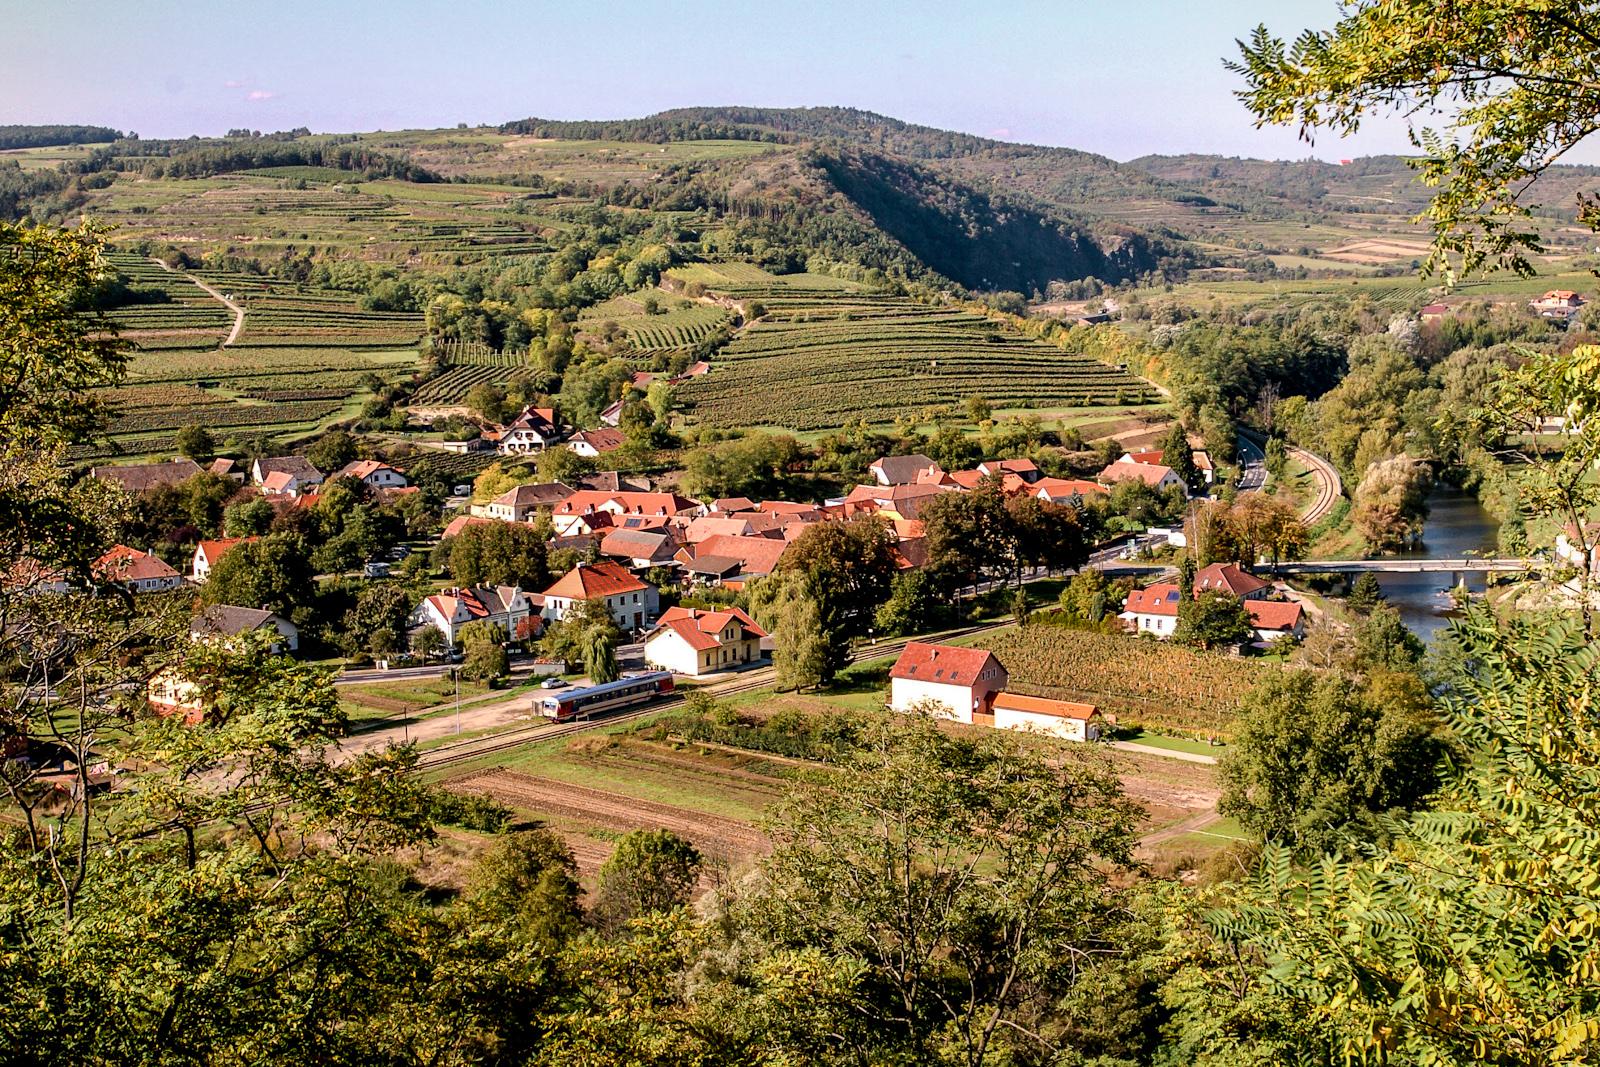 In Schönberg am Kamp treffen die Südhänge des Manhartsberges mit ihren typischen Weinterrassen auf die Flusslandschaften des Kamps und die Ausläufer des mystischen Gföhlerwaldes. (Foto: Robert Herbst)